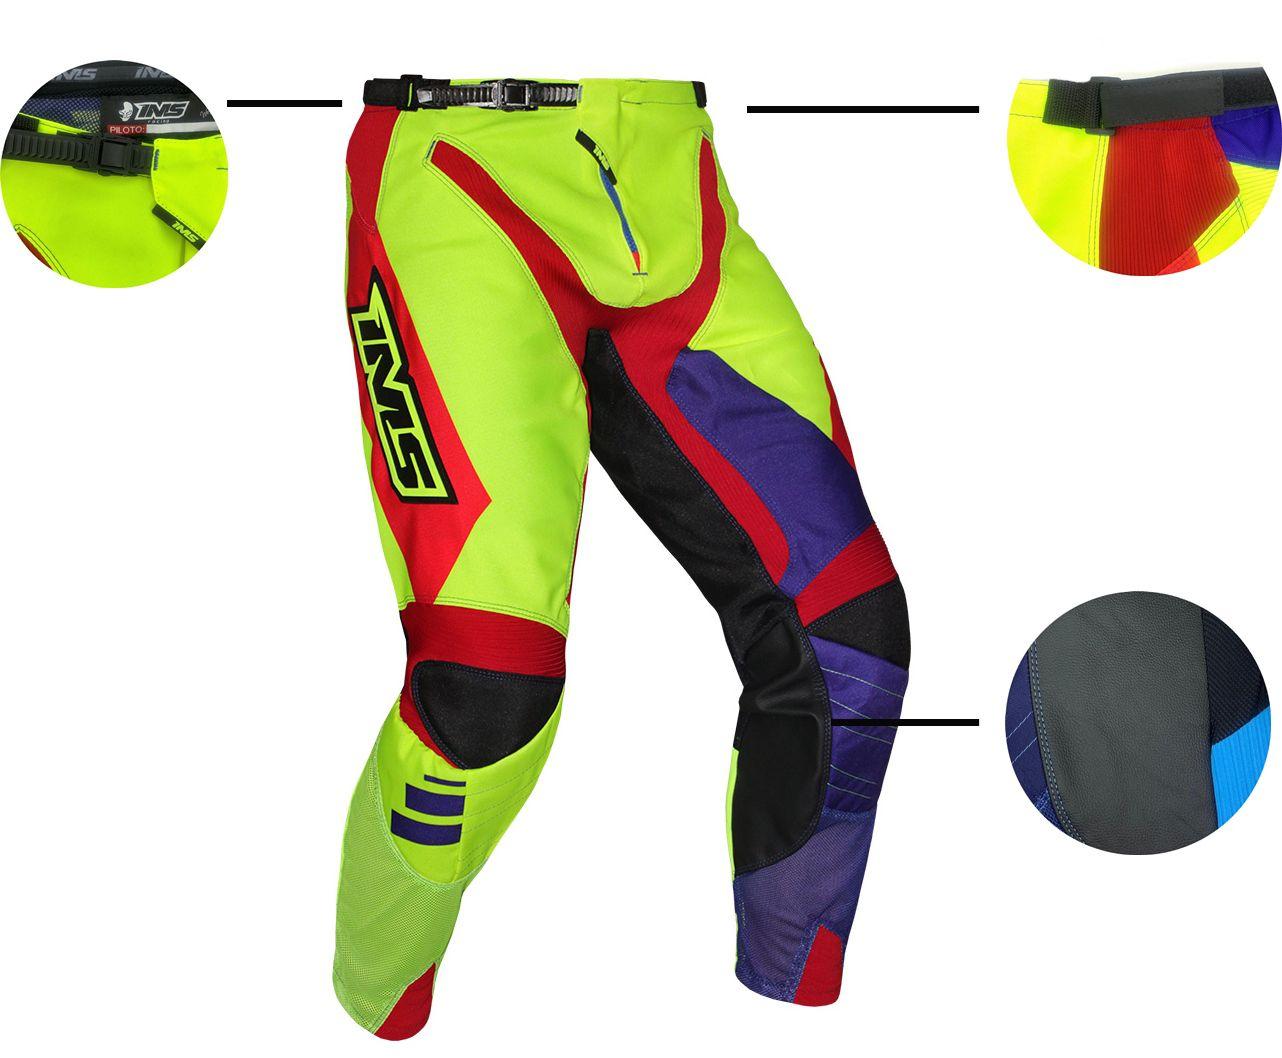 Calça Ims Sprint Azul Royal Vermelha E Amarelo Fluor Motocross Trilha